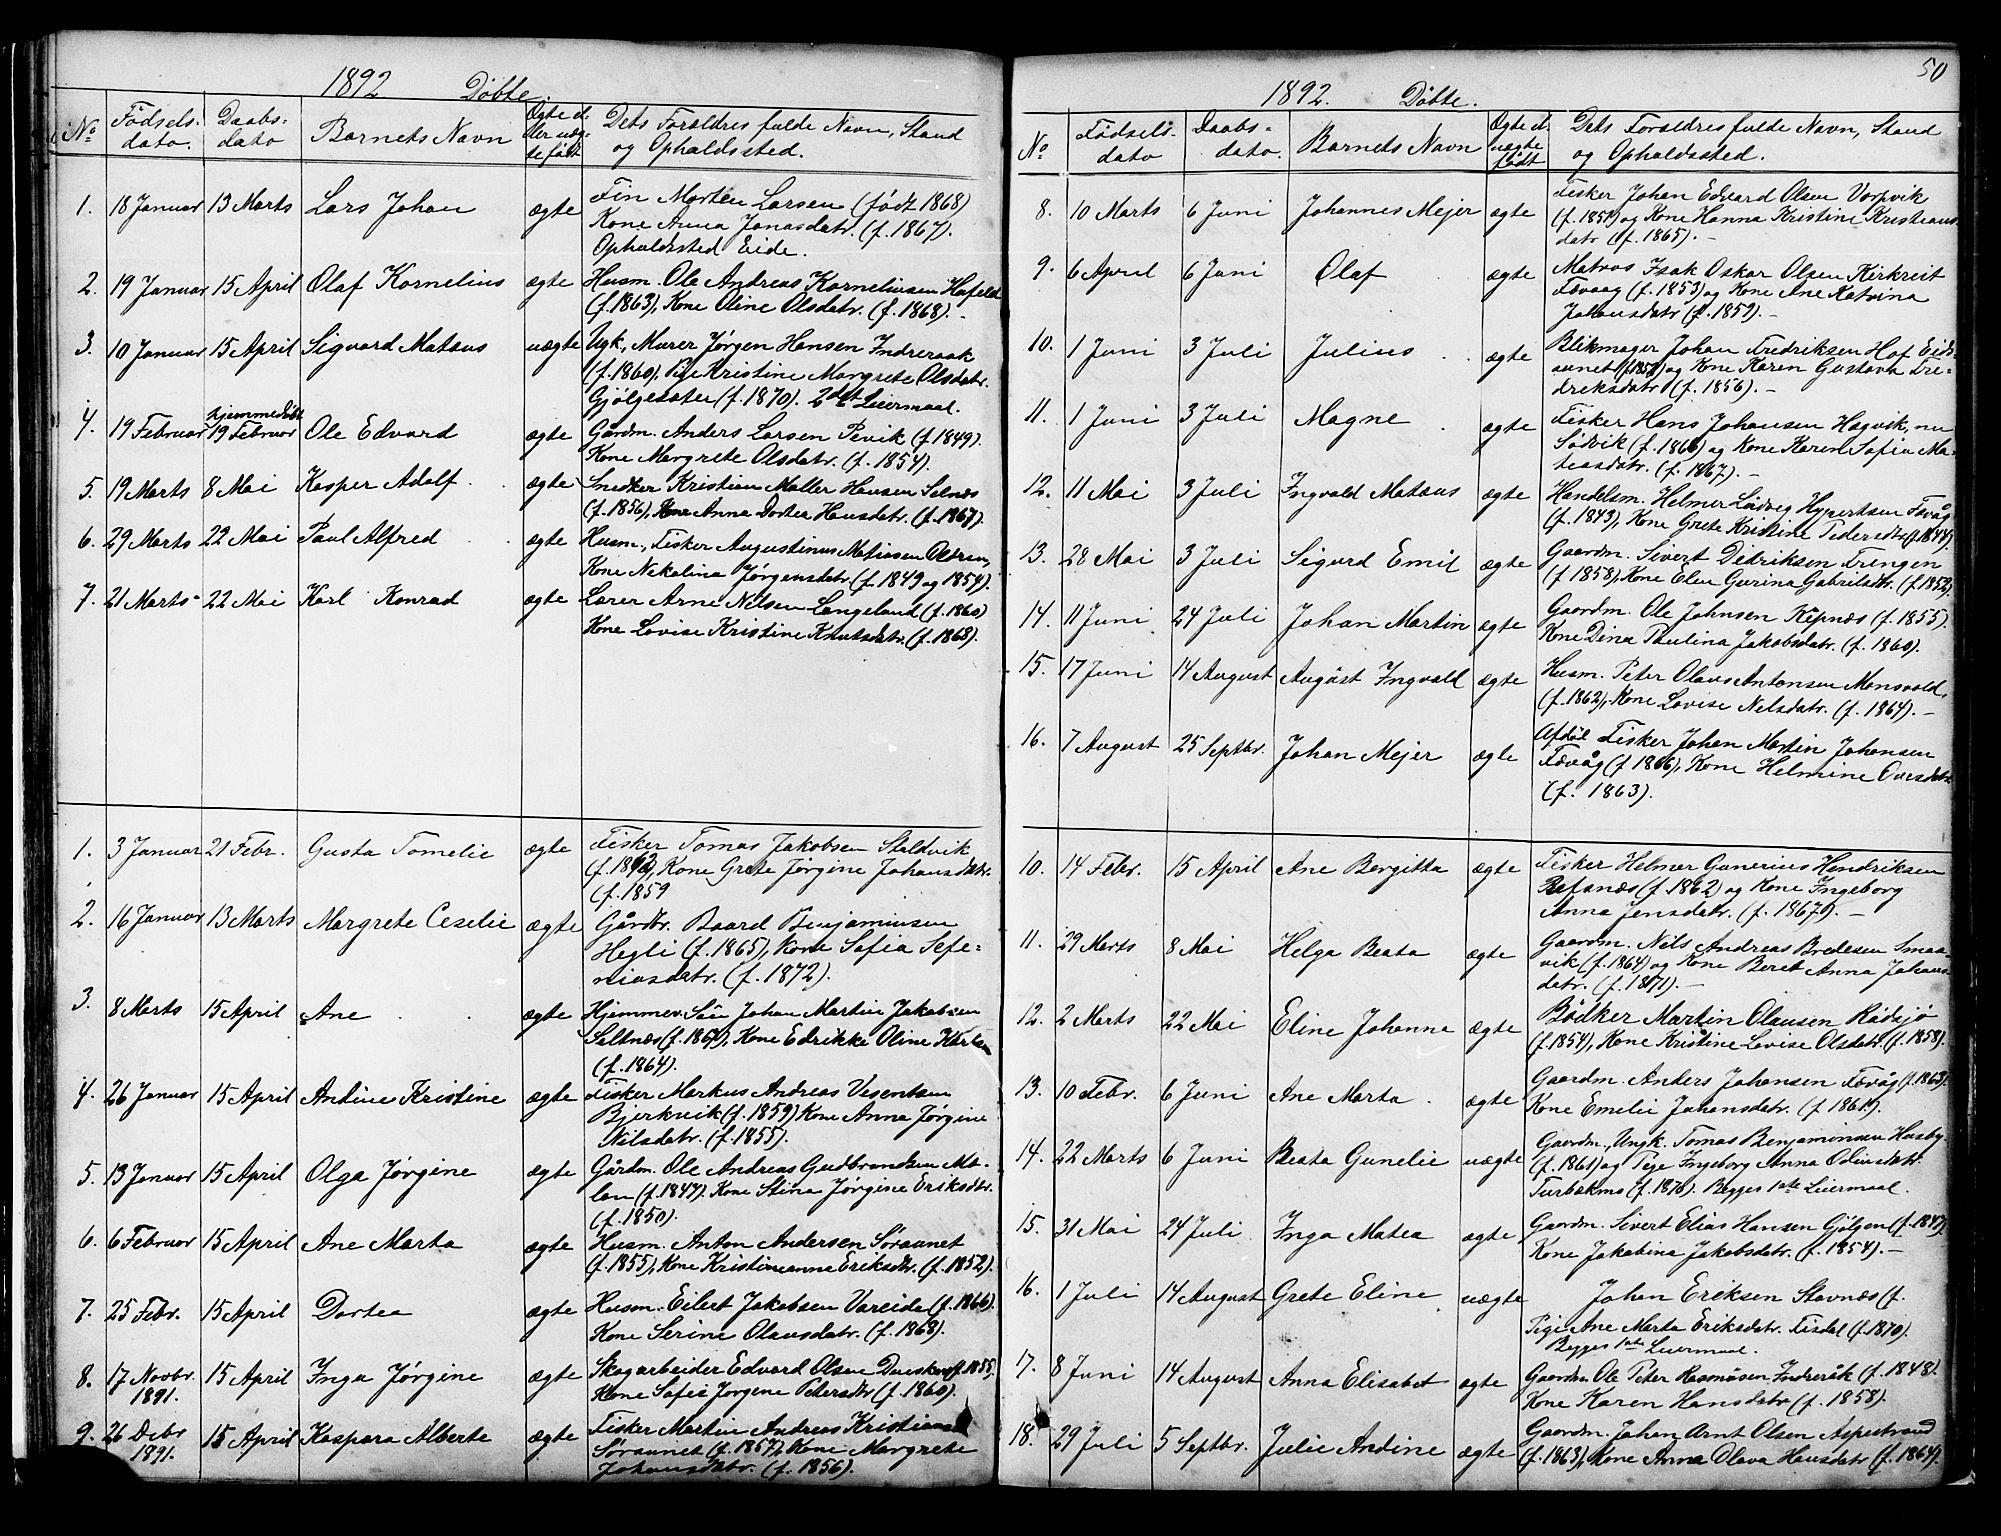 SAT, Ministerialprotokoller, klokkerbøker og fødselsregistre - Sør-Trøndelag, 653/L0657: Klokkerbok nr. 653C01, 1866-1893, s. 50